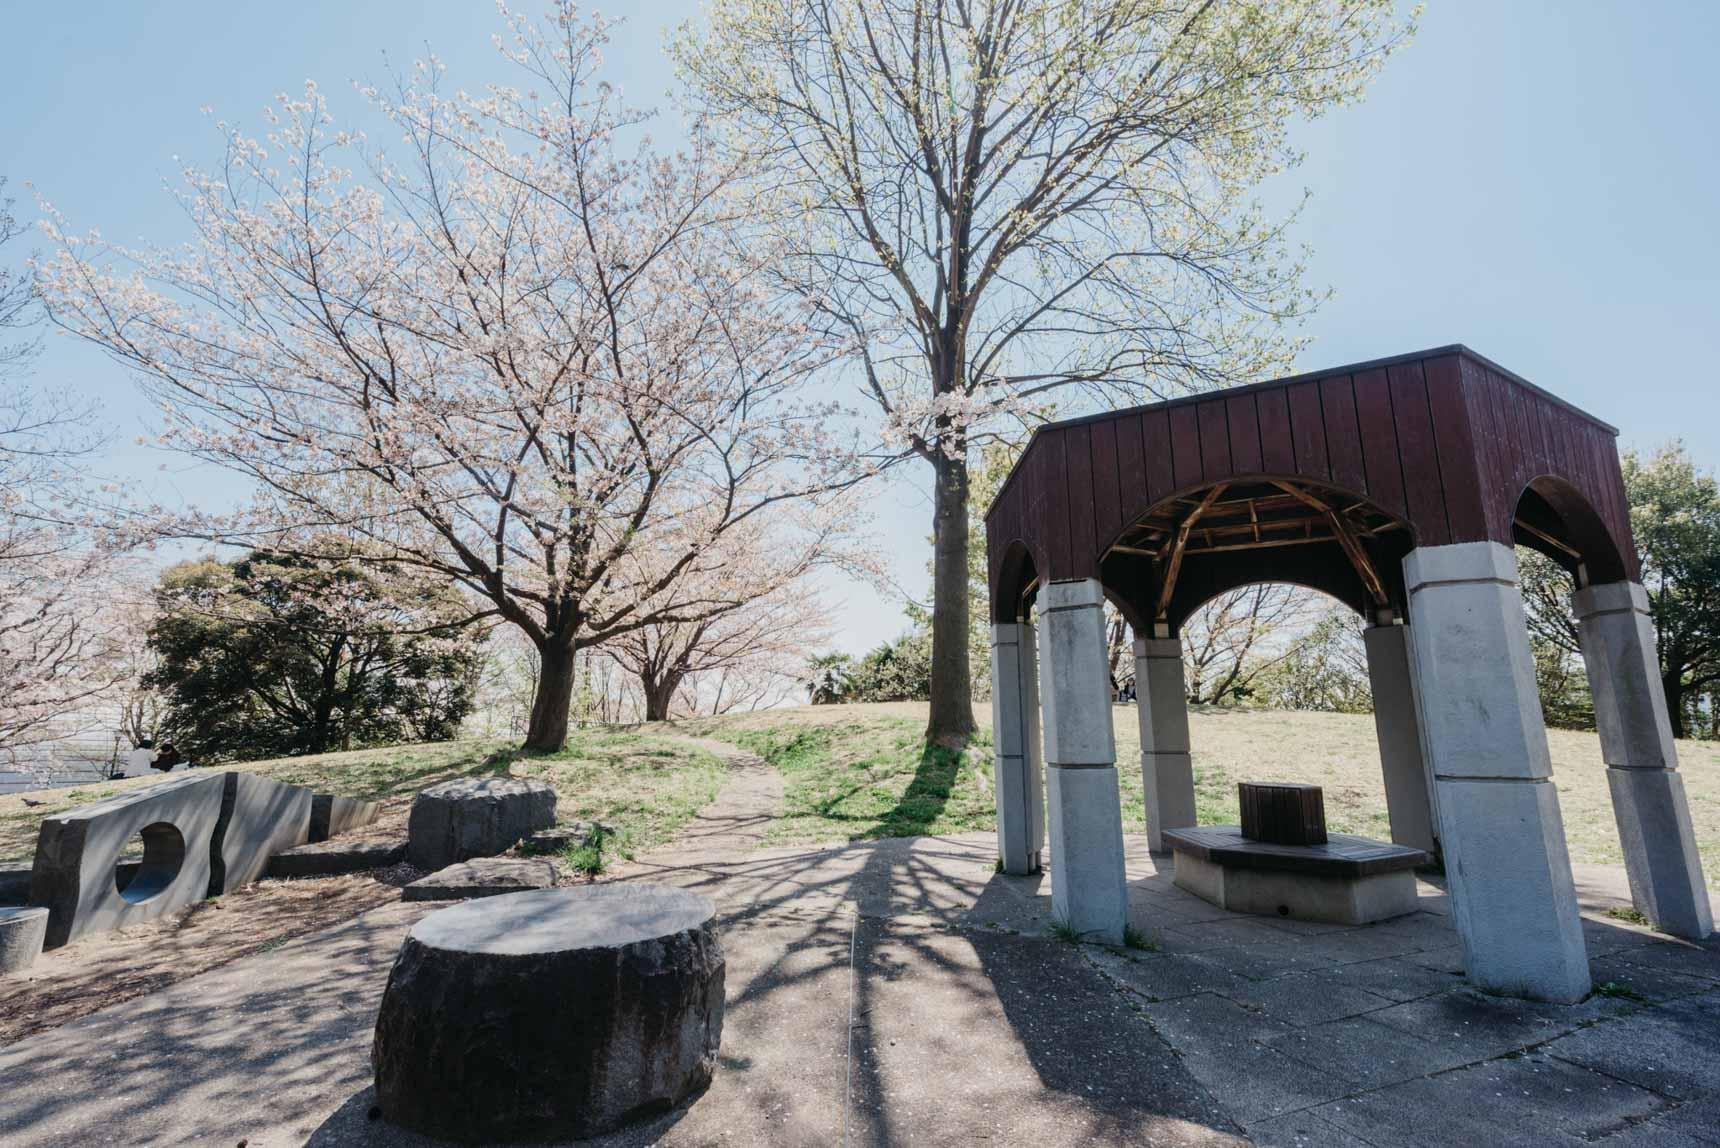 お子さん連れなどで賑わっていた、すぐ近くの公園。ちょうど桜が見ごろで綺麗でした。